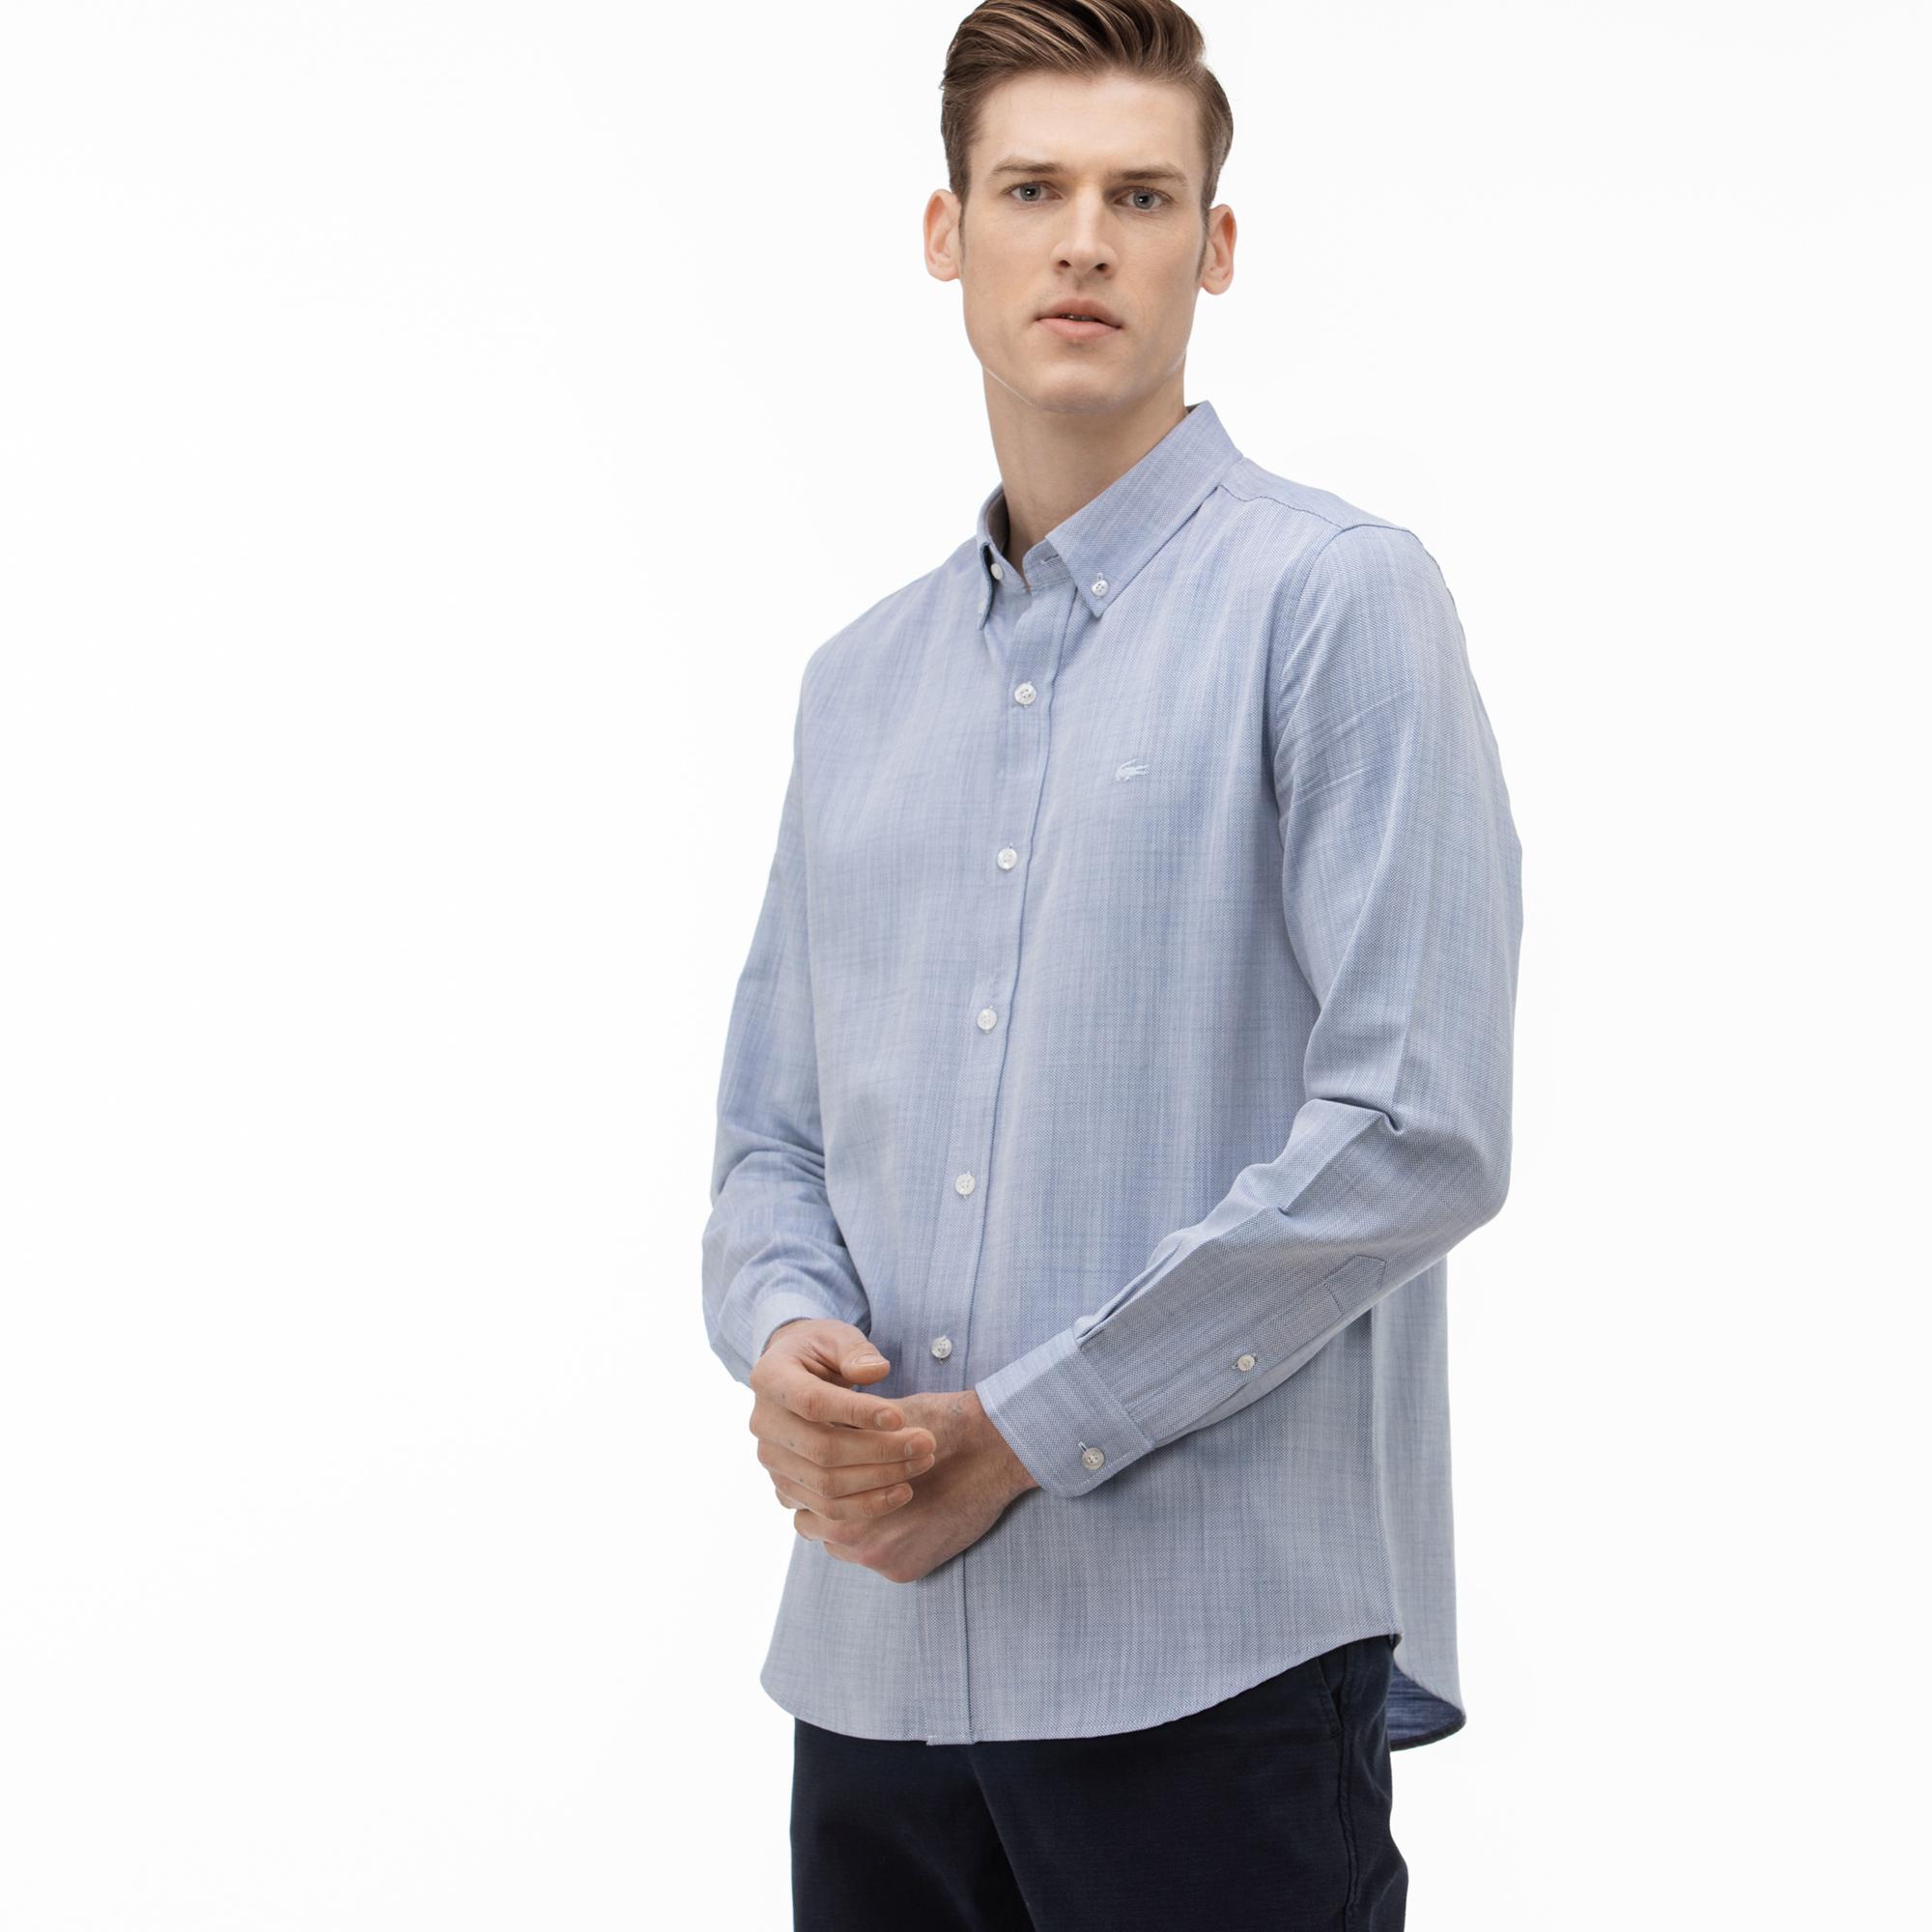 Lacoste Koszula Męska Slim Fit Z Kołnierzykiem Zapinanym Na Guziki